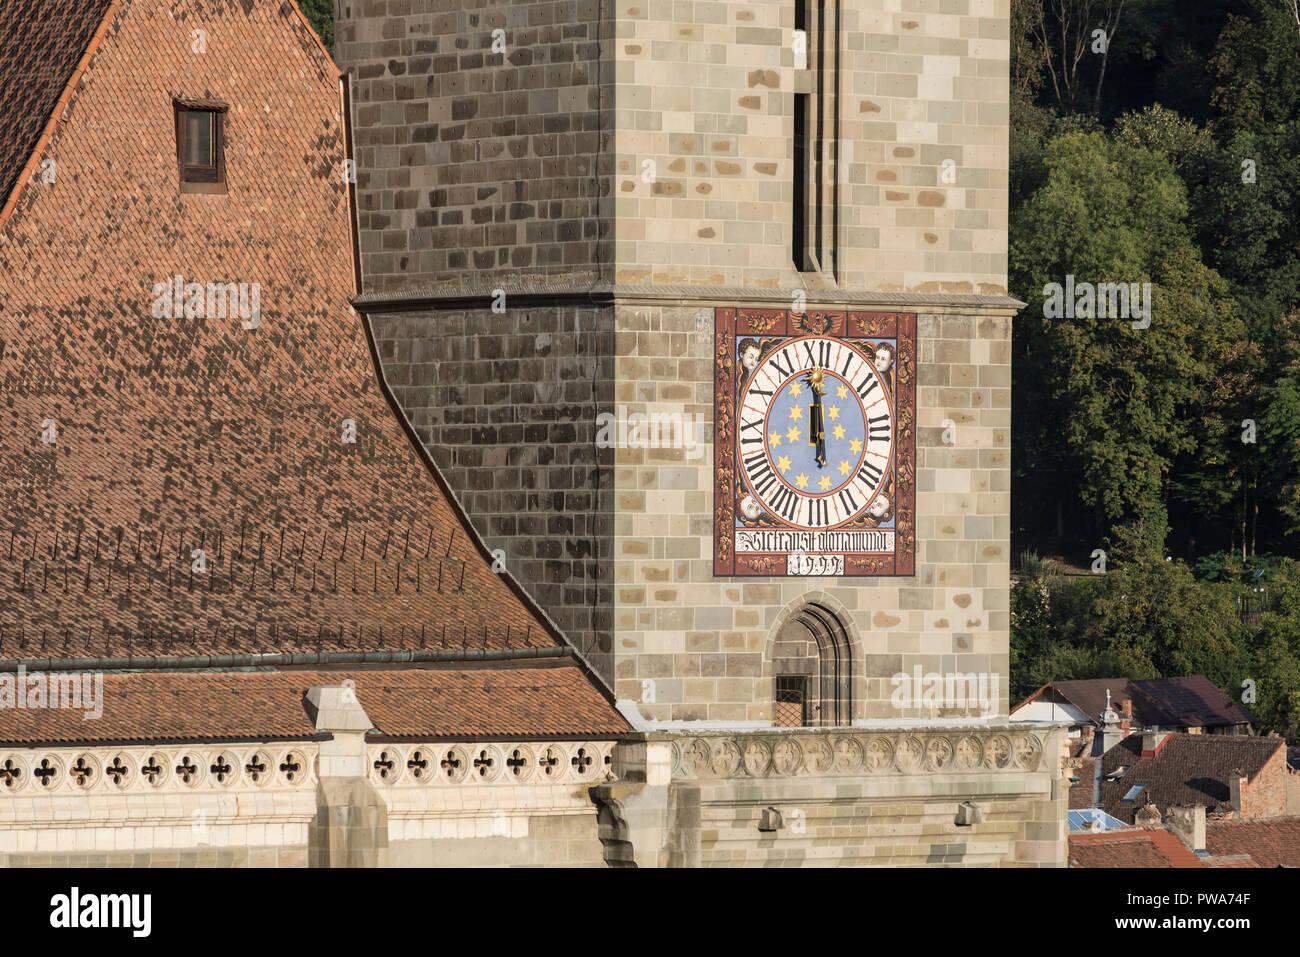 La iglesia negra de Brasov, Rumania - Biserica Neagra, Brasov, Rumania Imagen De Stock